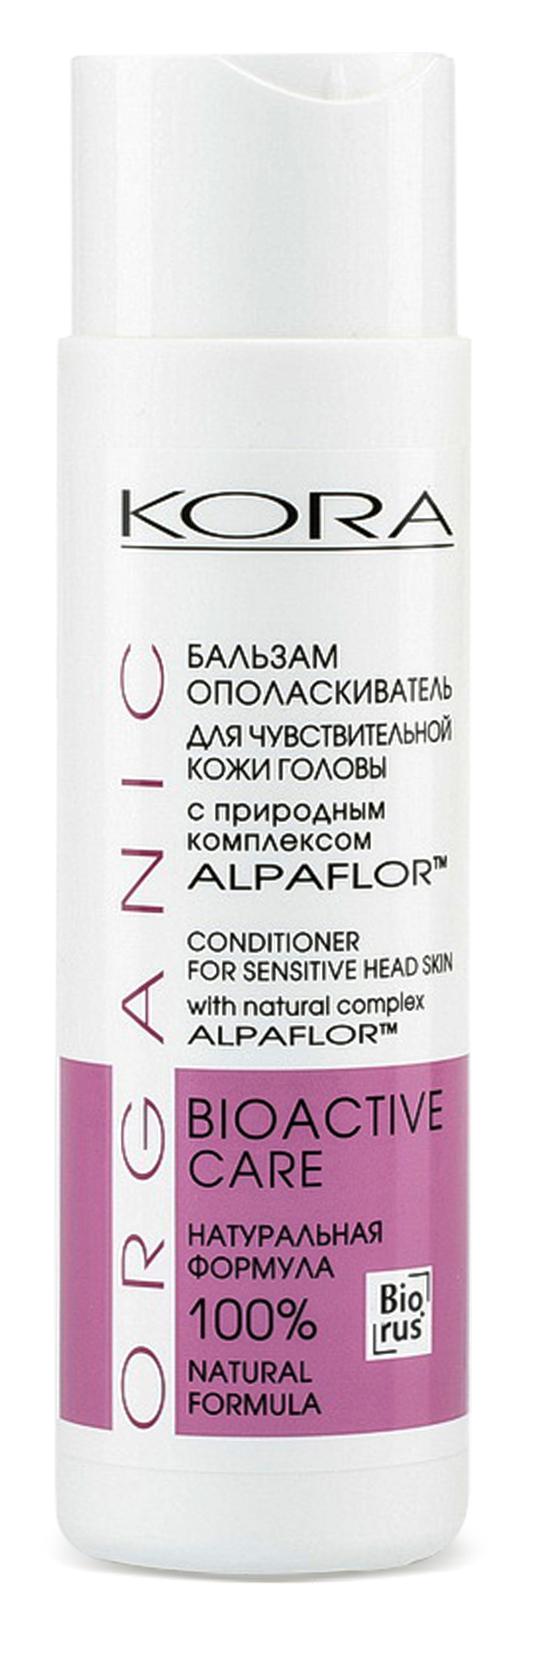 KORA Бальзам ополаскиватель для чувствительной кожи головы с природным комплексом Alpaflor 250 мл